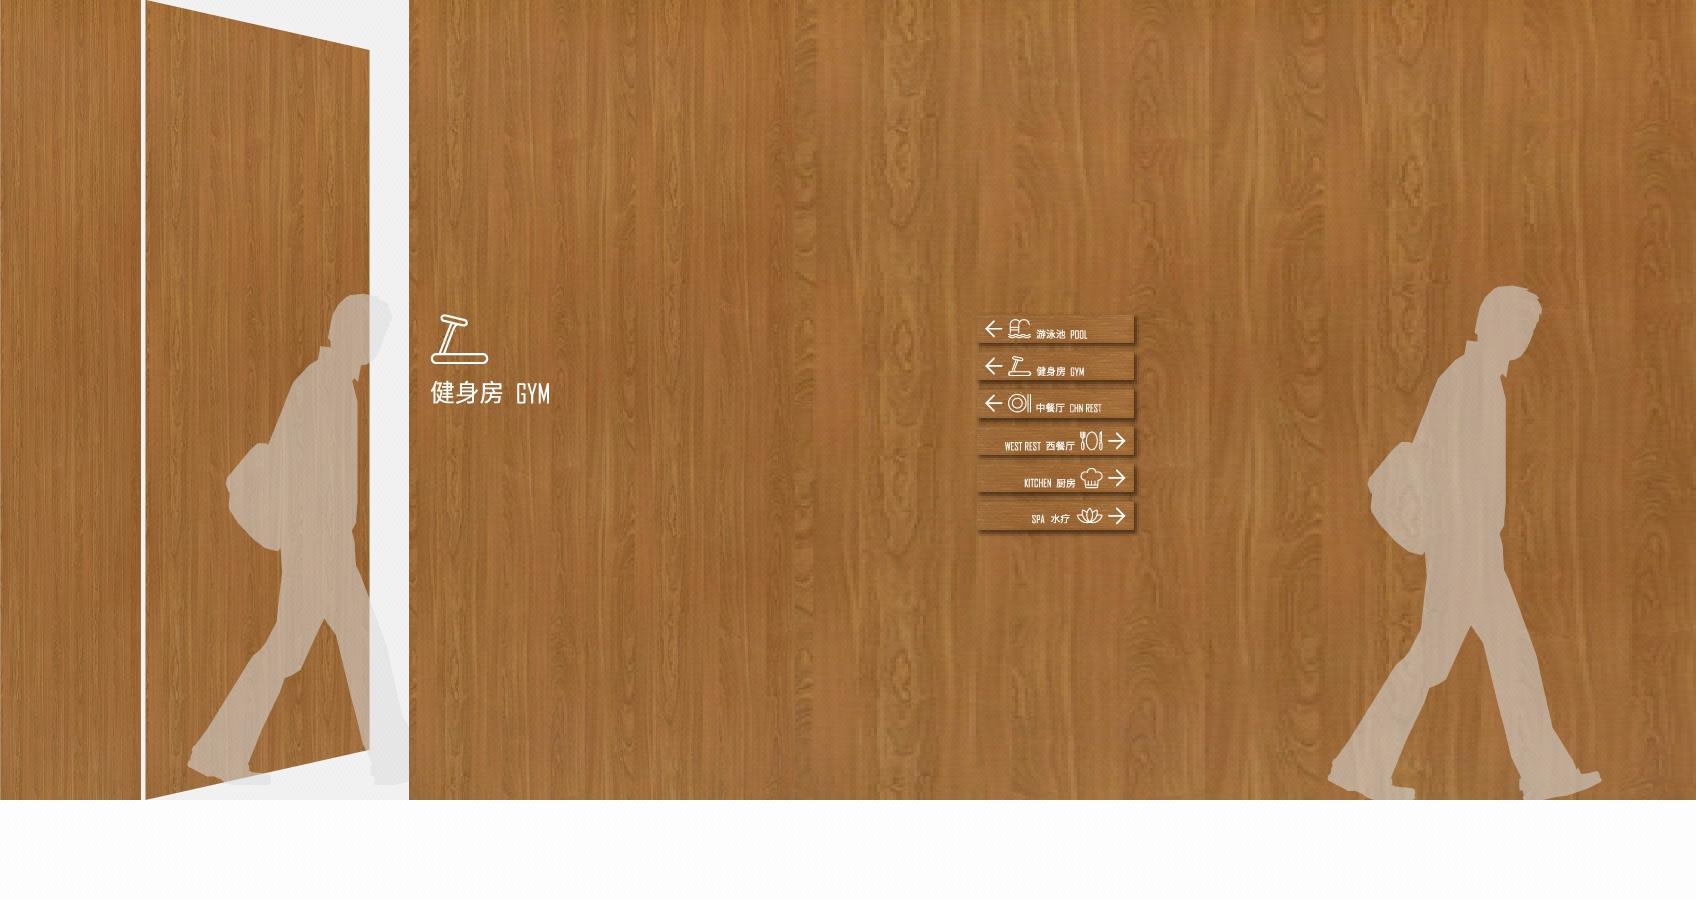 LOGO_字体设计文字logo公司企业品牌标志图标设计37